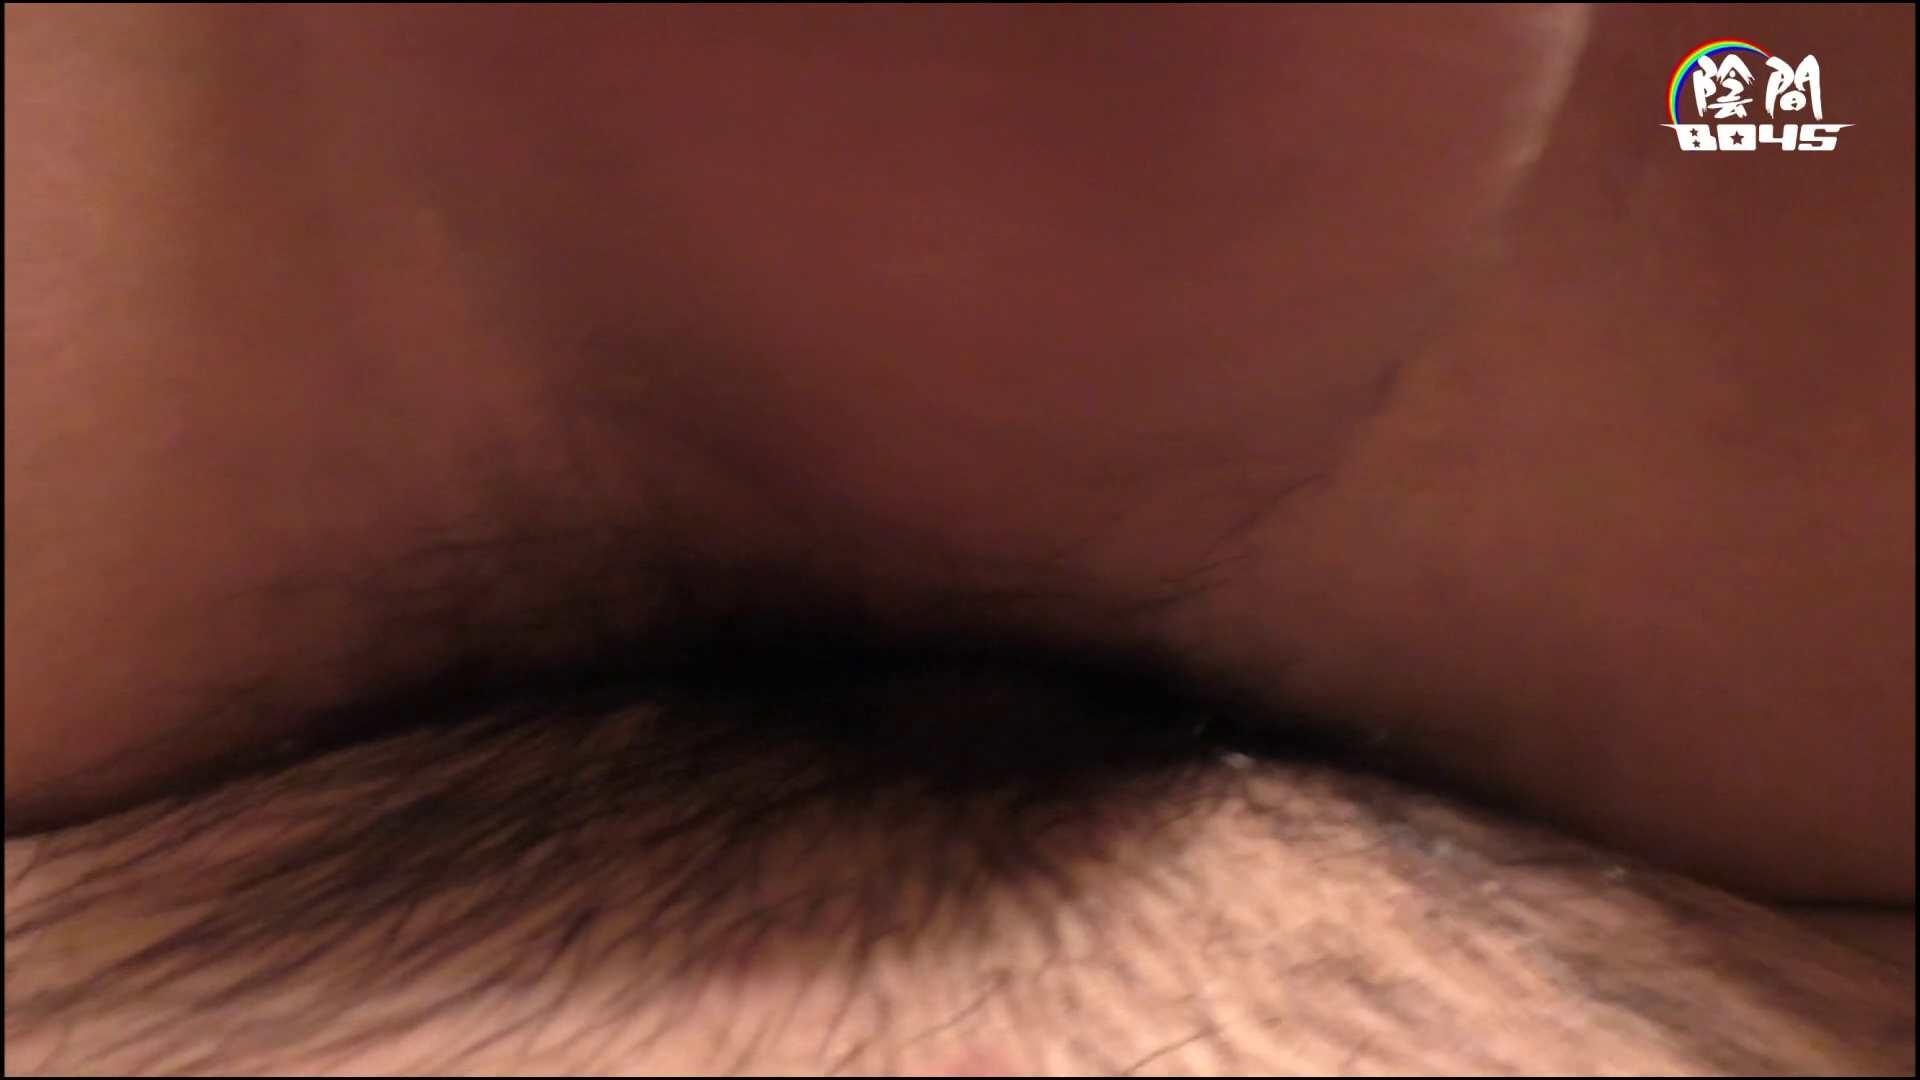 「君のアナルは」part2 ~ノンケの素顔~ Vol.07 アナル ゲイザーメン画像 86枚 71